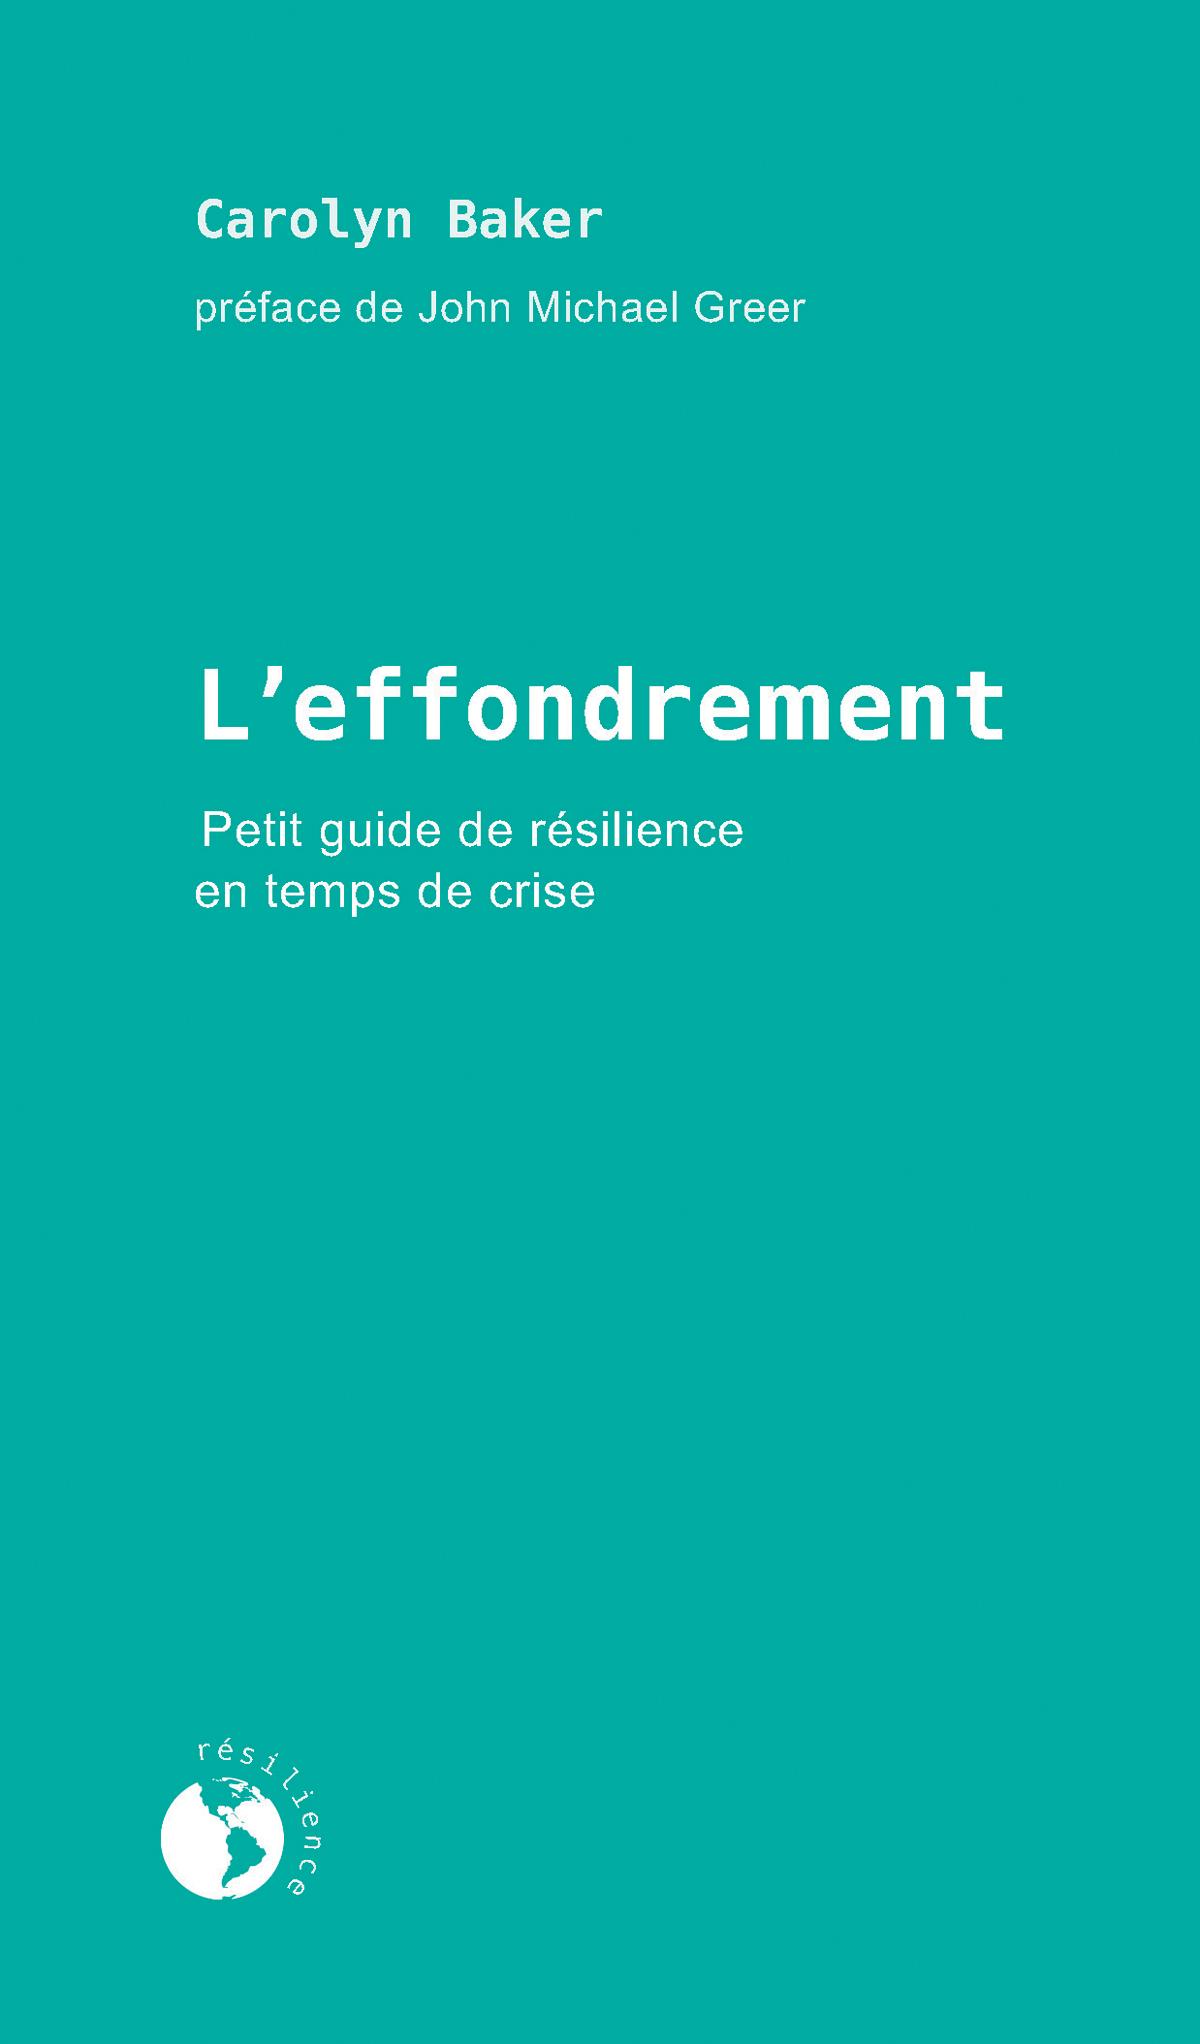 L'effondrement, Petit guide de résilience en temps de crise